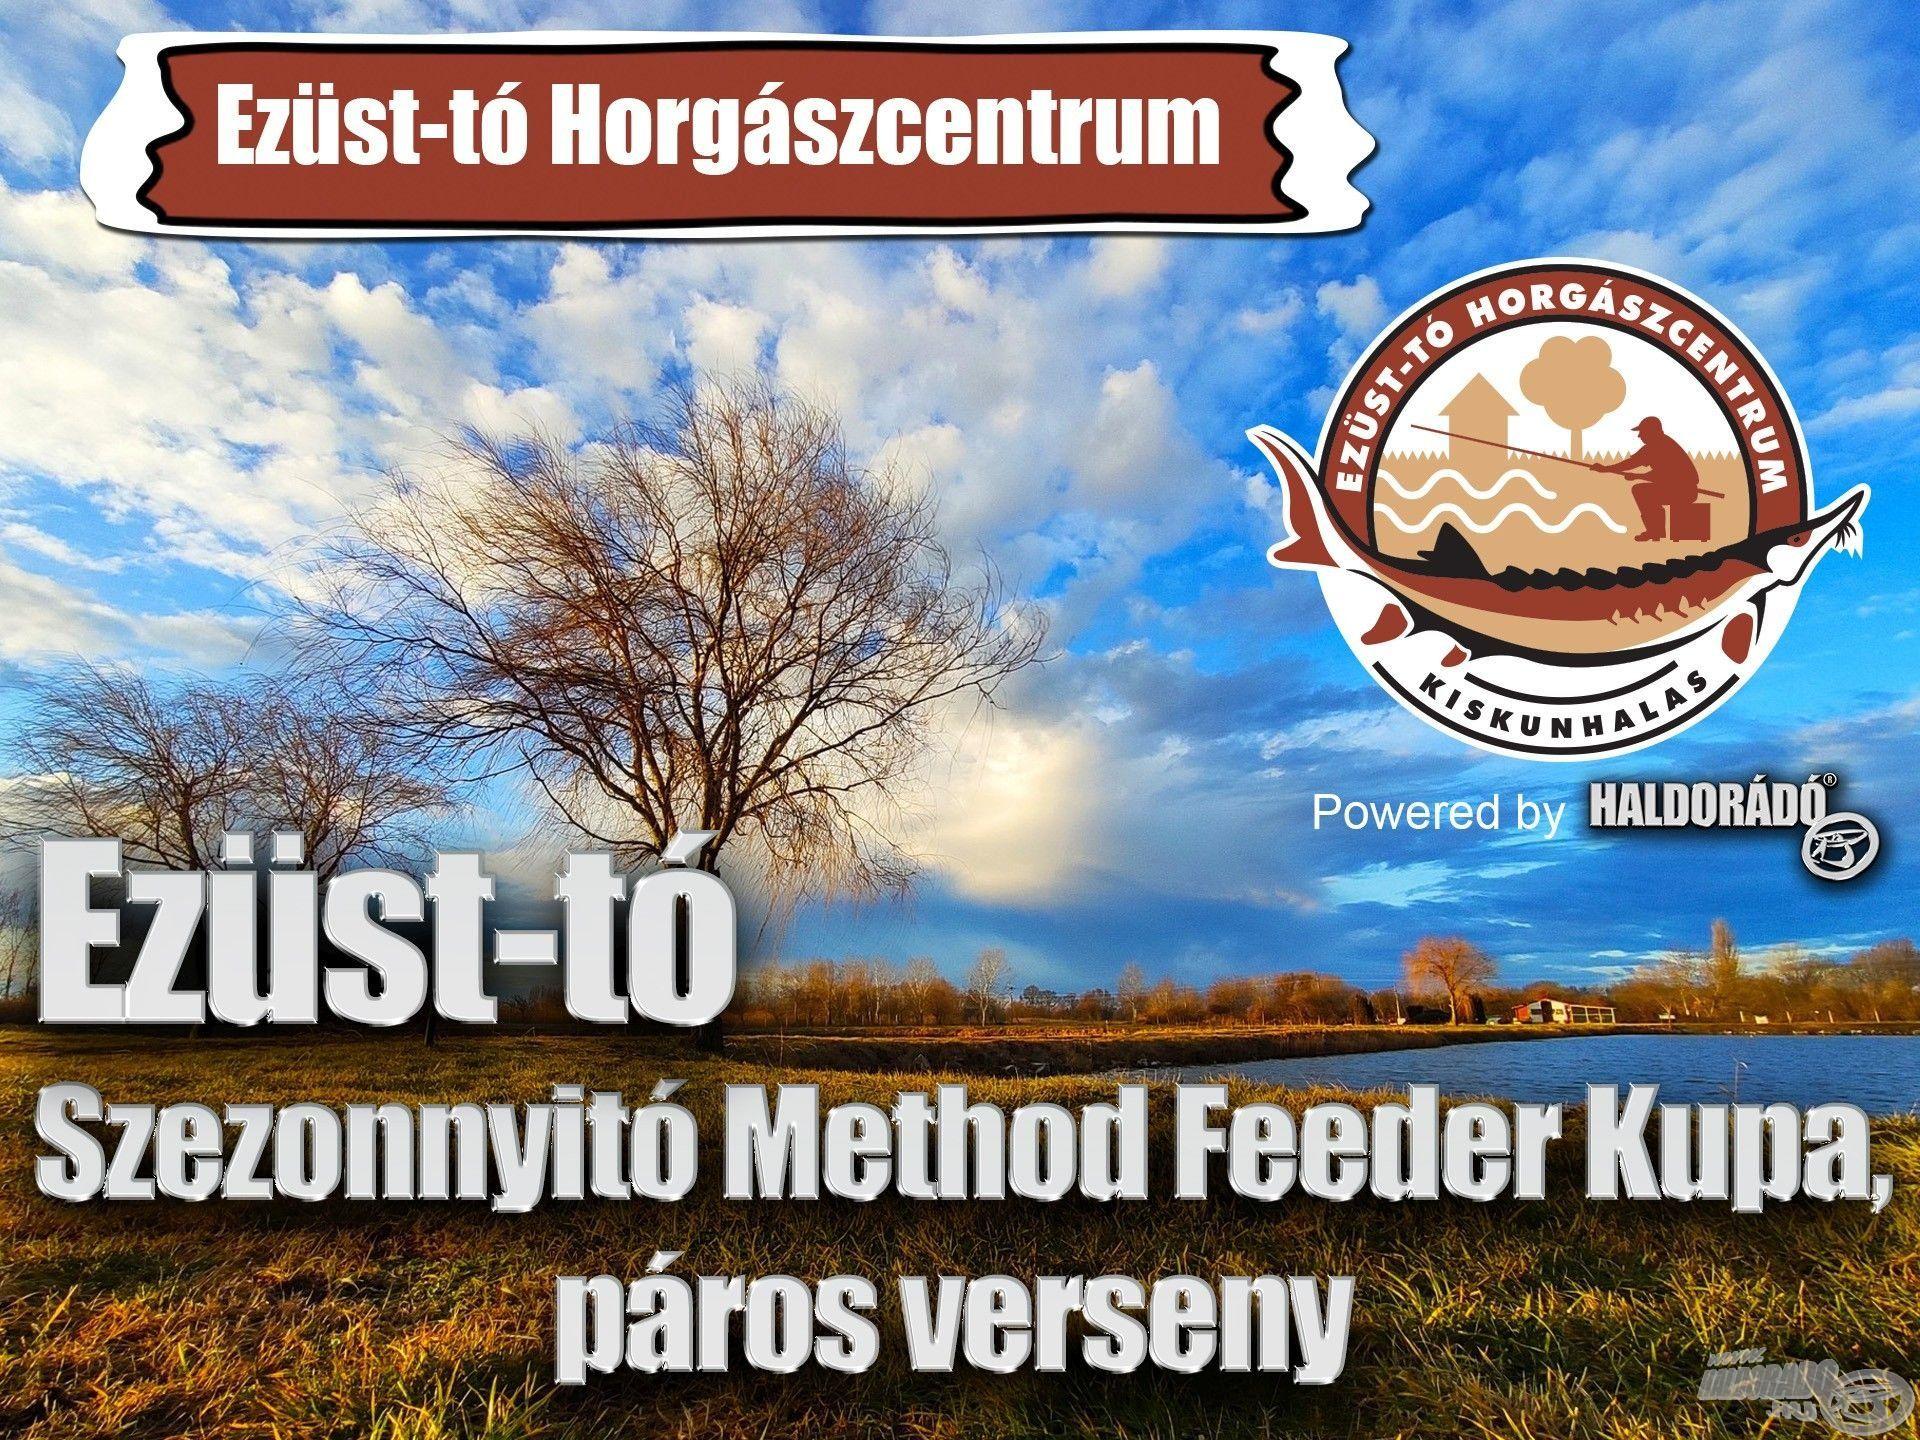 Ezüst-tó 2021 Szezonnyitó Method Feeder Kupa, páros verseny – Kiírás